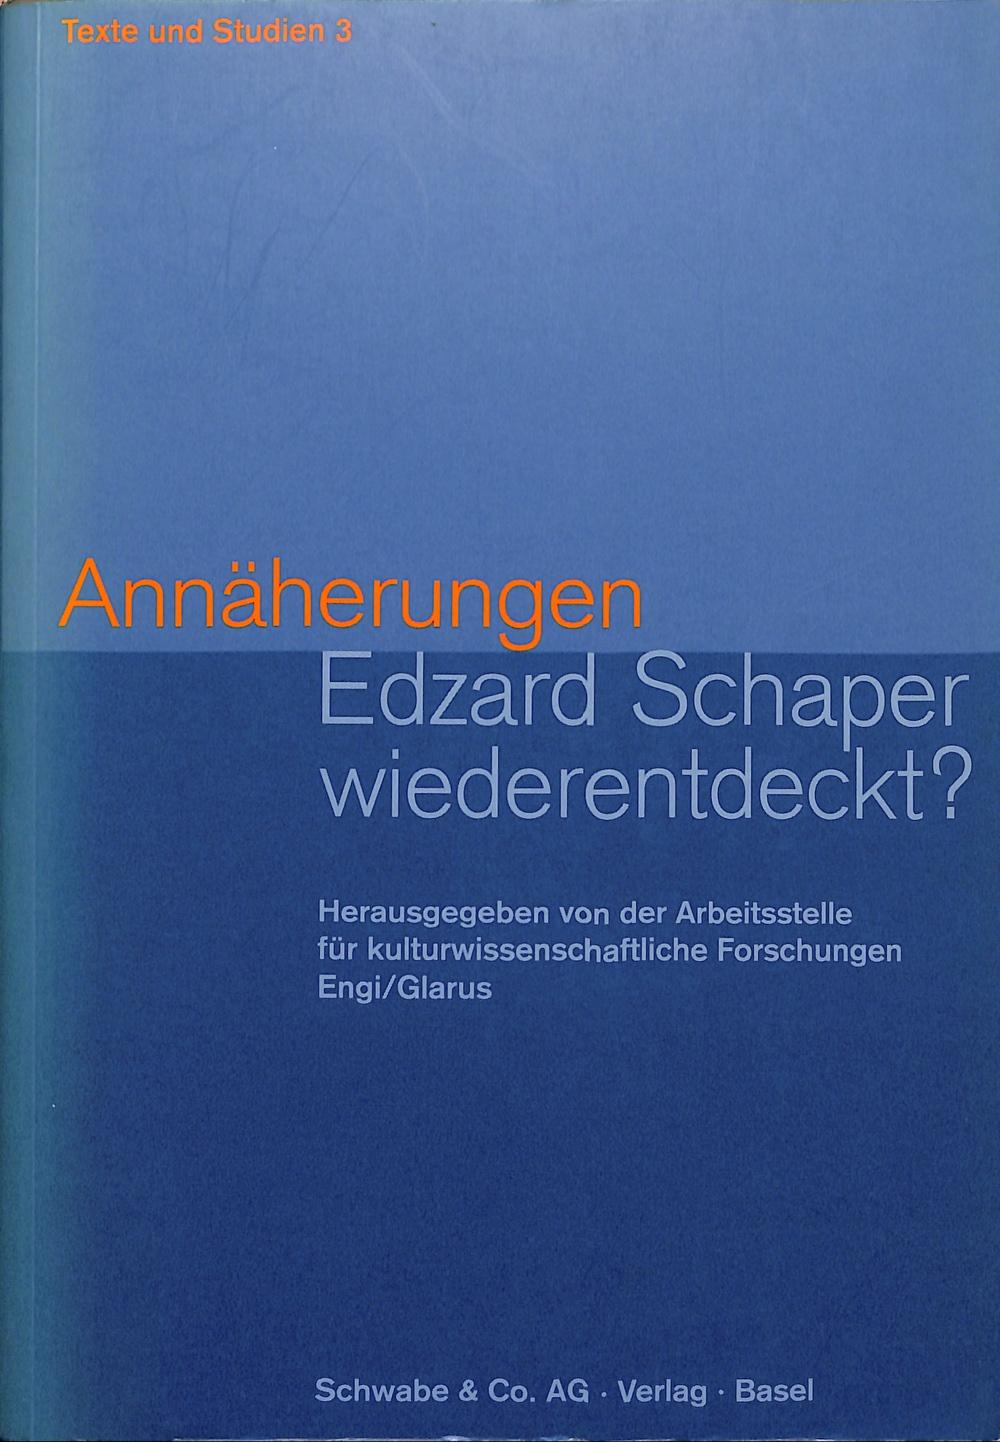 Annäherungen. Edzard Schaper wiederentdeckt?